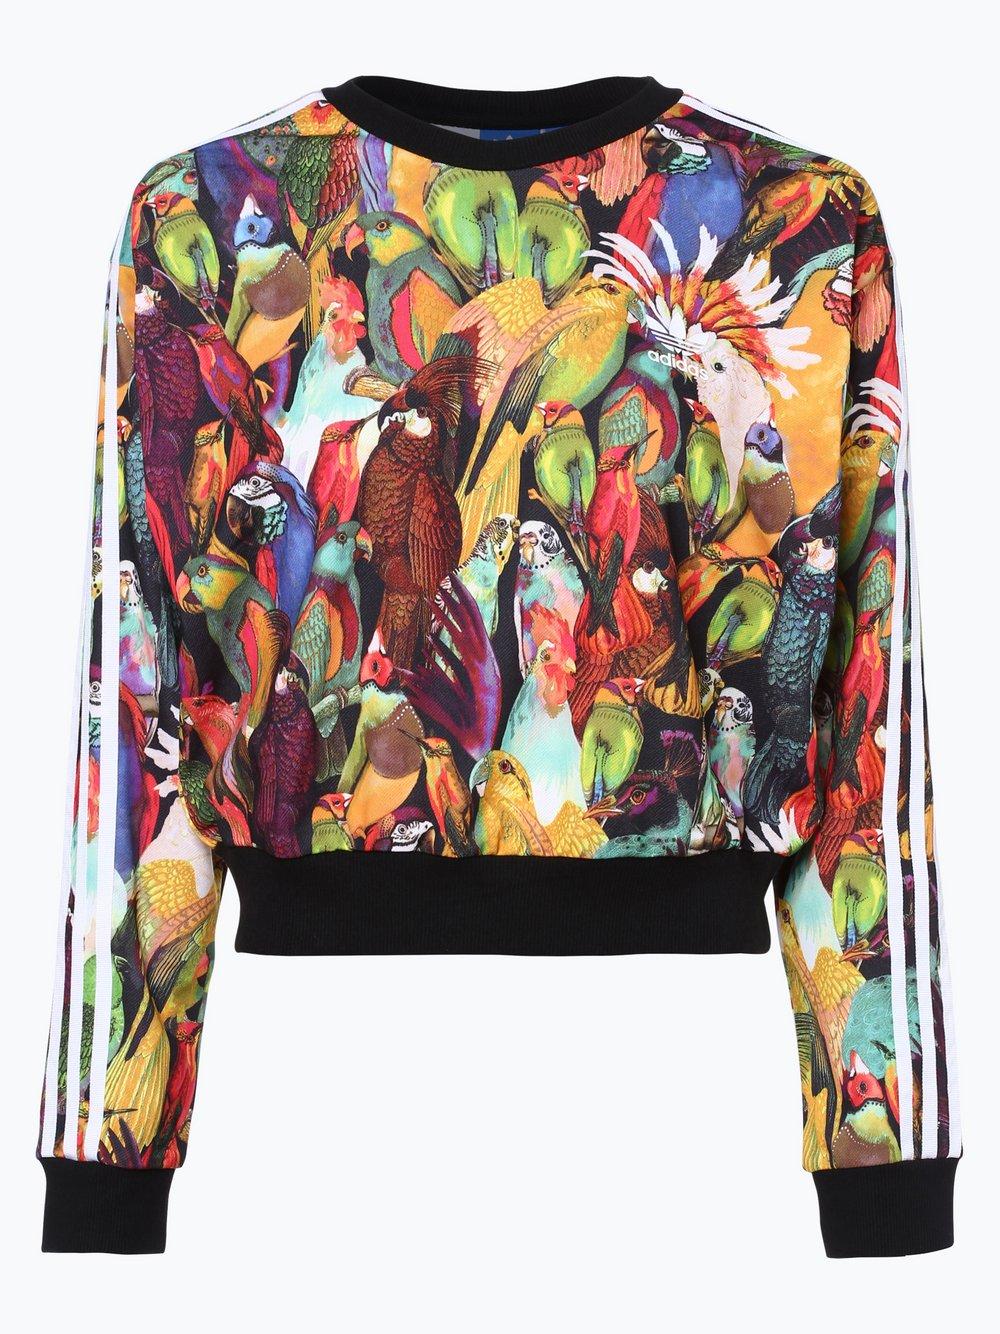 adidas Originals Damen Sweatshirt Passaredo online kaufen